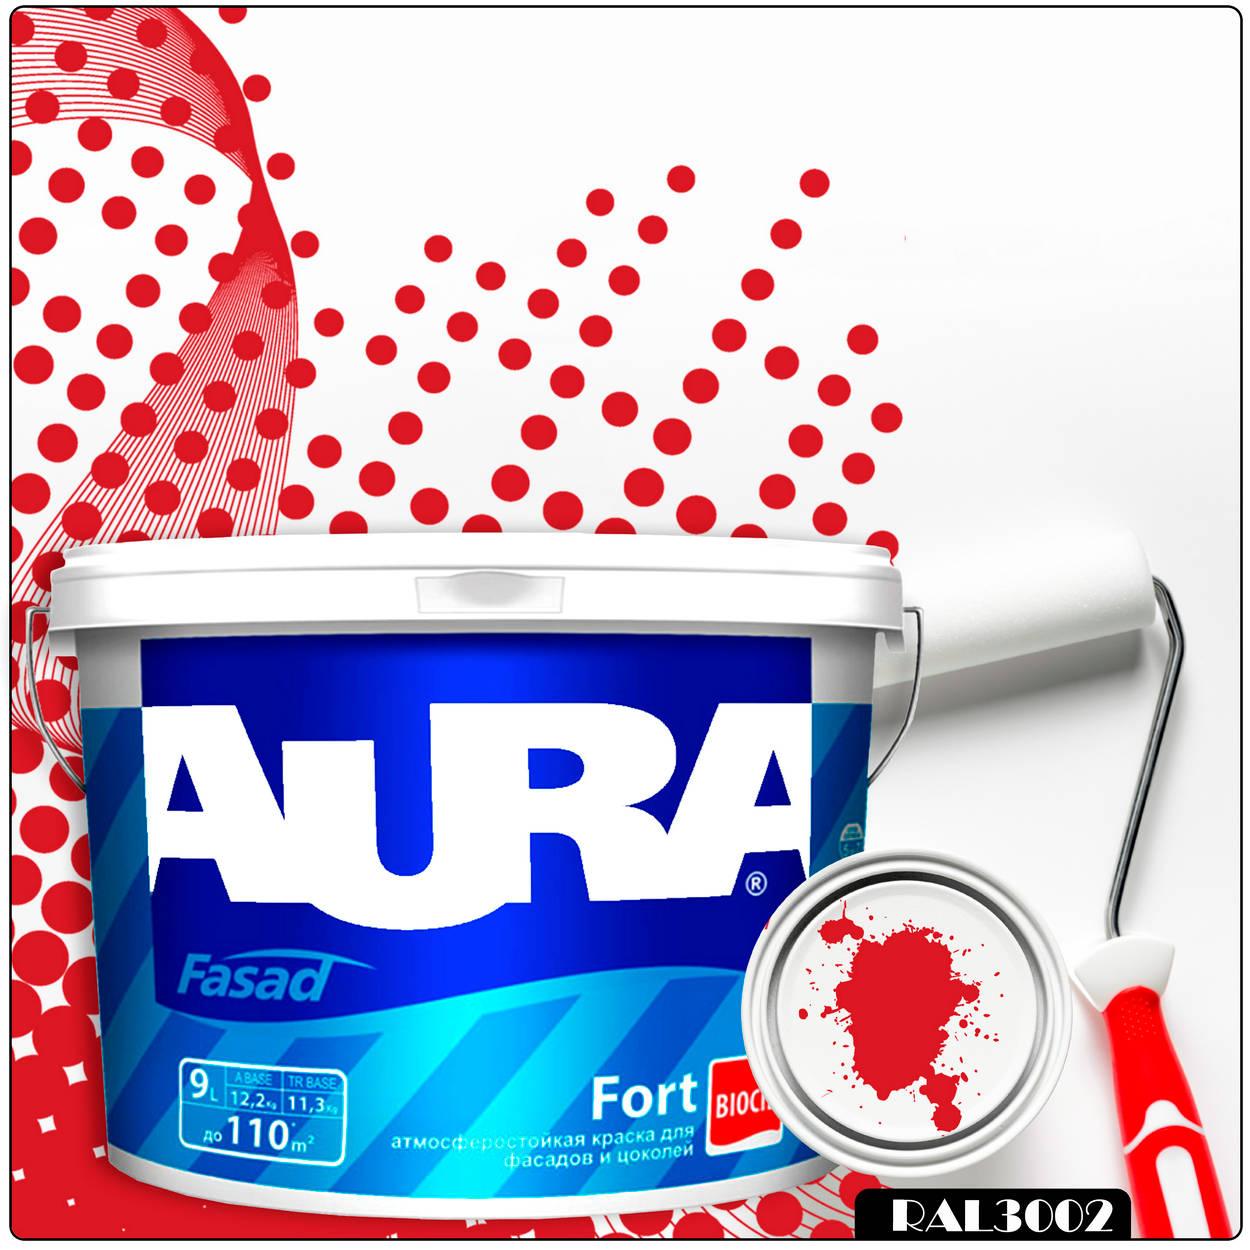 Фото 3 - Краска Aura Fasad Fort, RAL 3002 Карминно-красный, латексная, матовая, для фасада и цоколей, 9л, Аура.